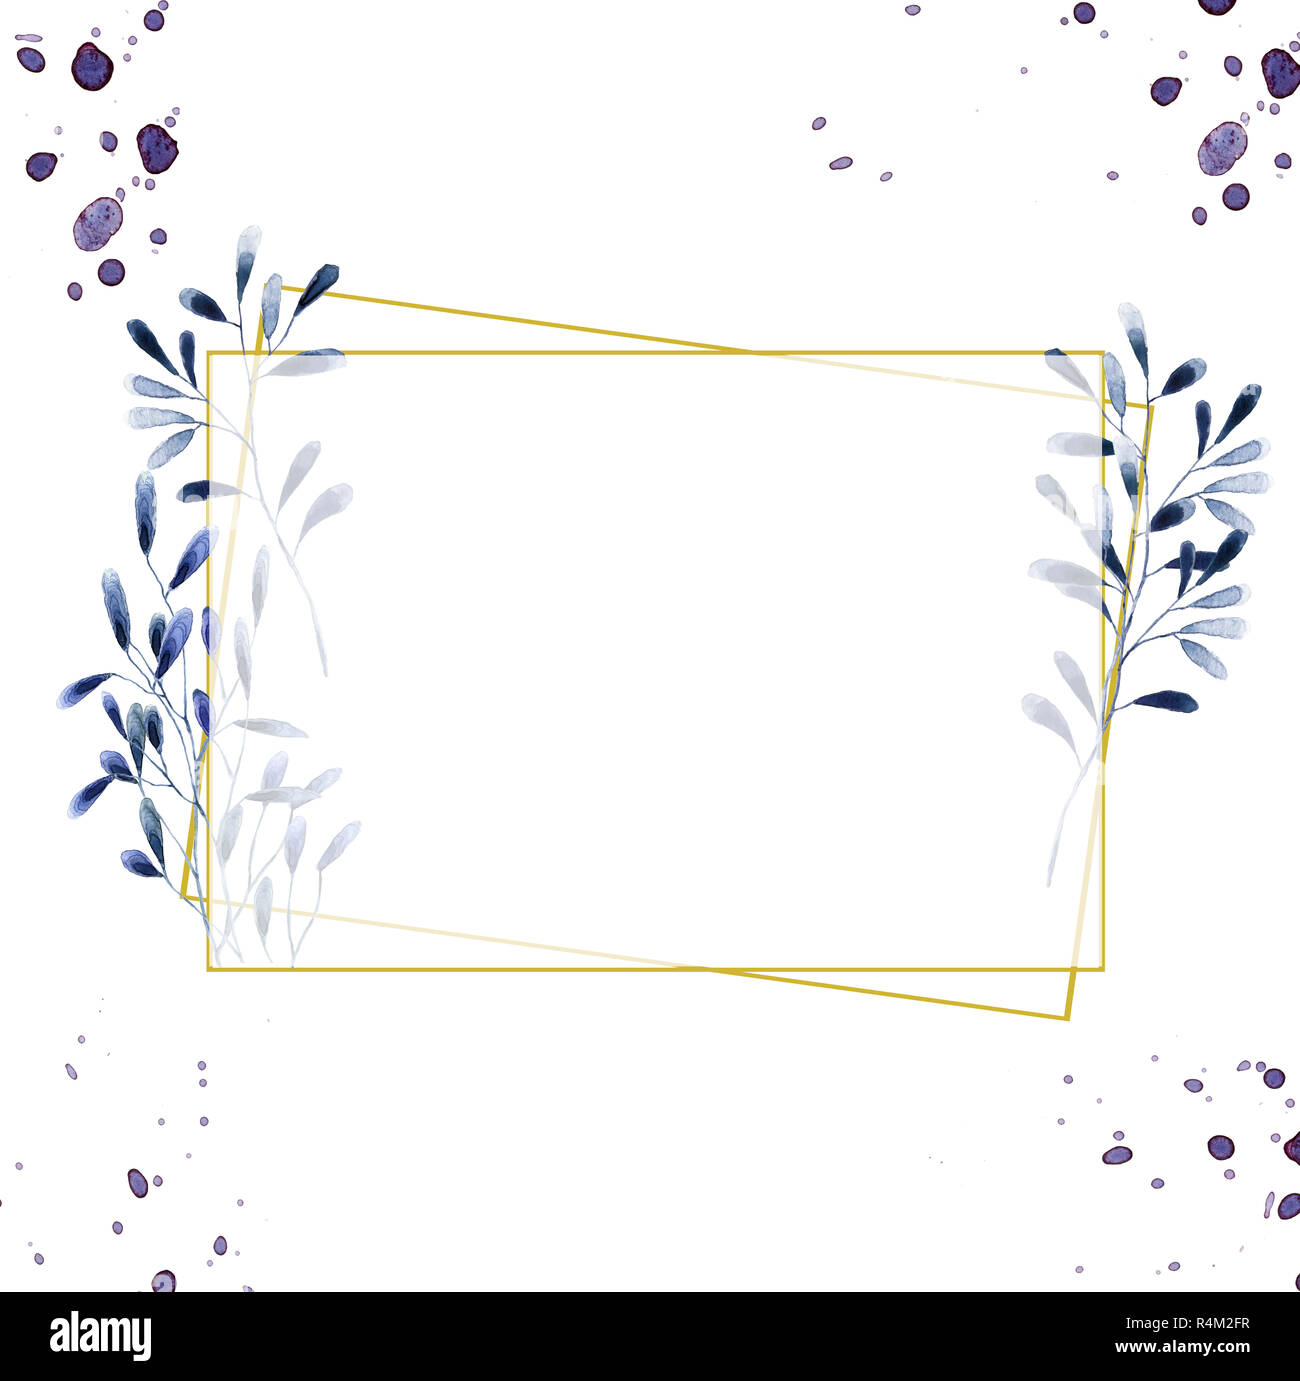 Hochzeit einladung floral einladen karte olive floralen und magnolia geometrische goldene rahmen drucken rhombus rechteck frame weißer hintergrund